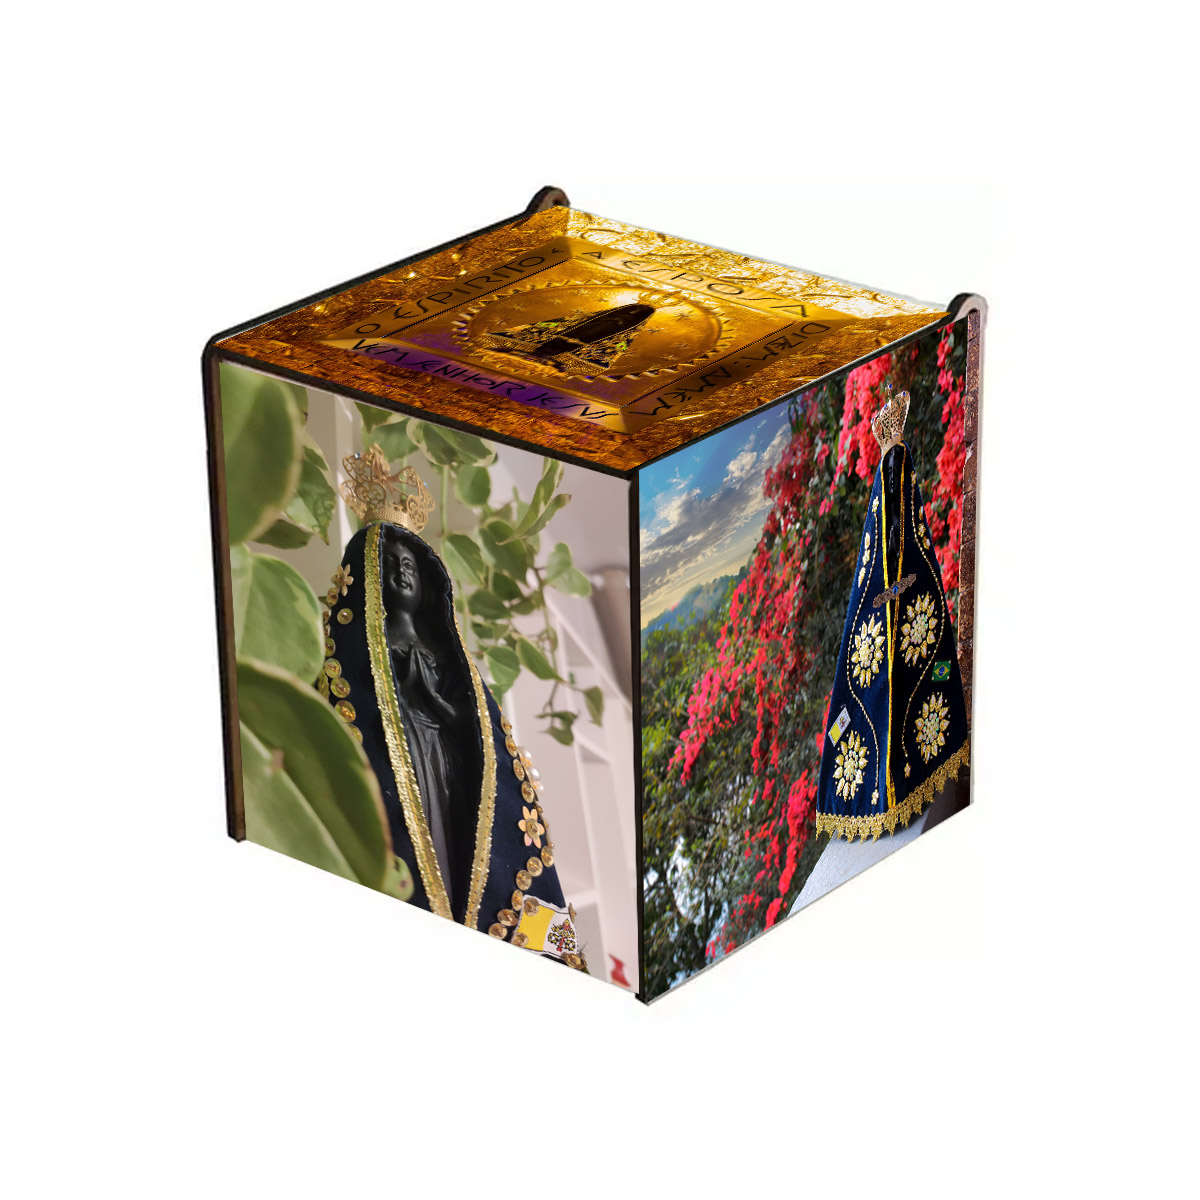 Kit Quebra-Cabeças Religiosos de 165 peças com caixa de MDF Exclusiva + Terço Especial